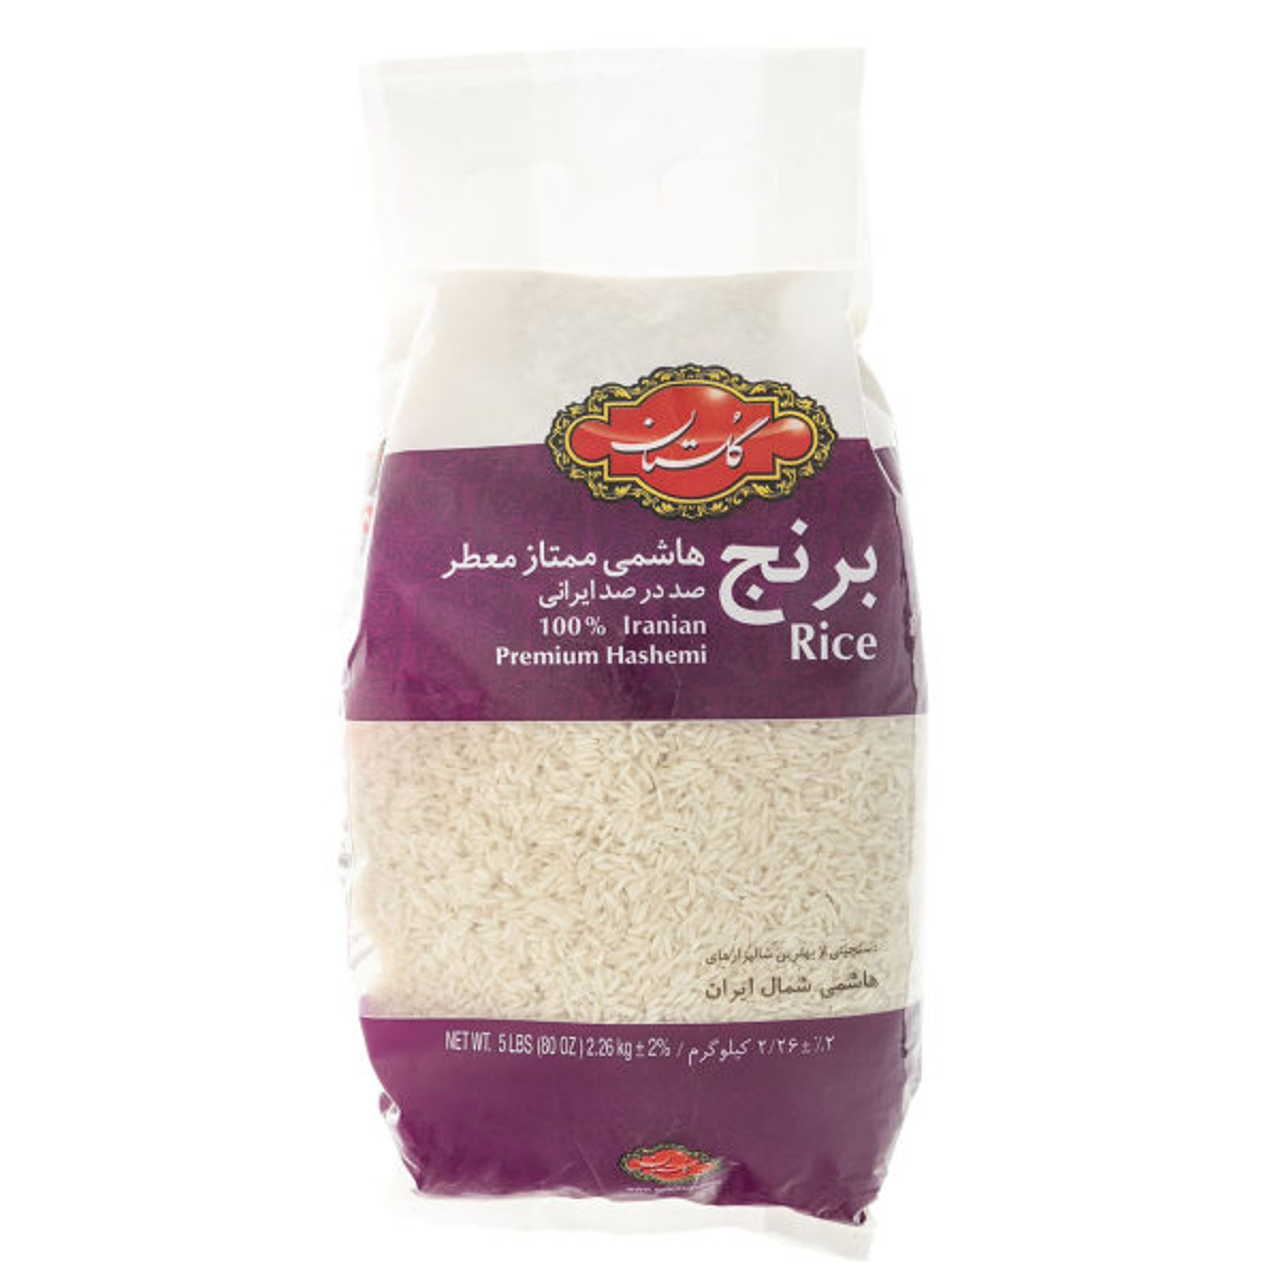 برنج هاشمی ممتاز معطر گلستان مقدار 2.26 کیلوگرم